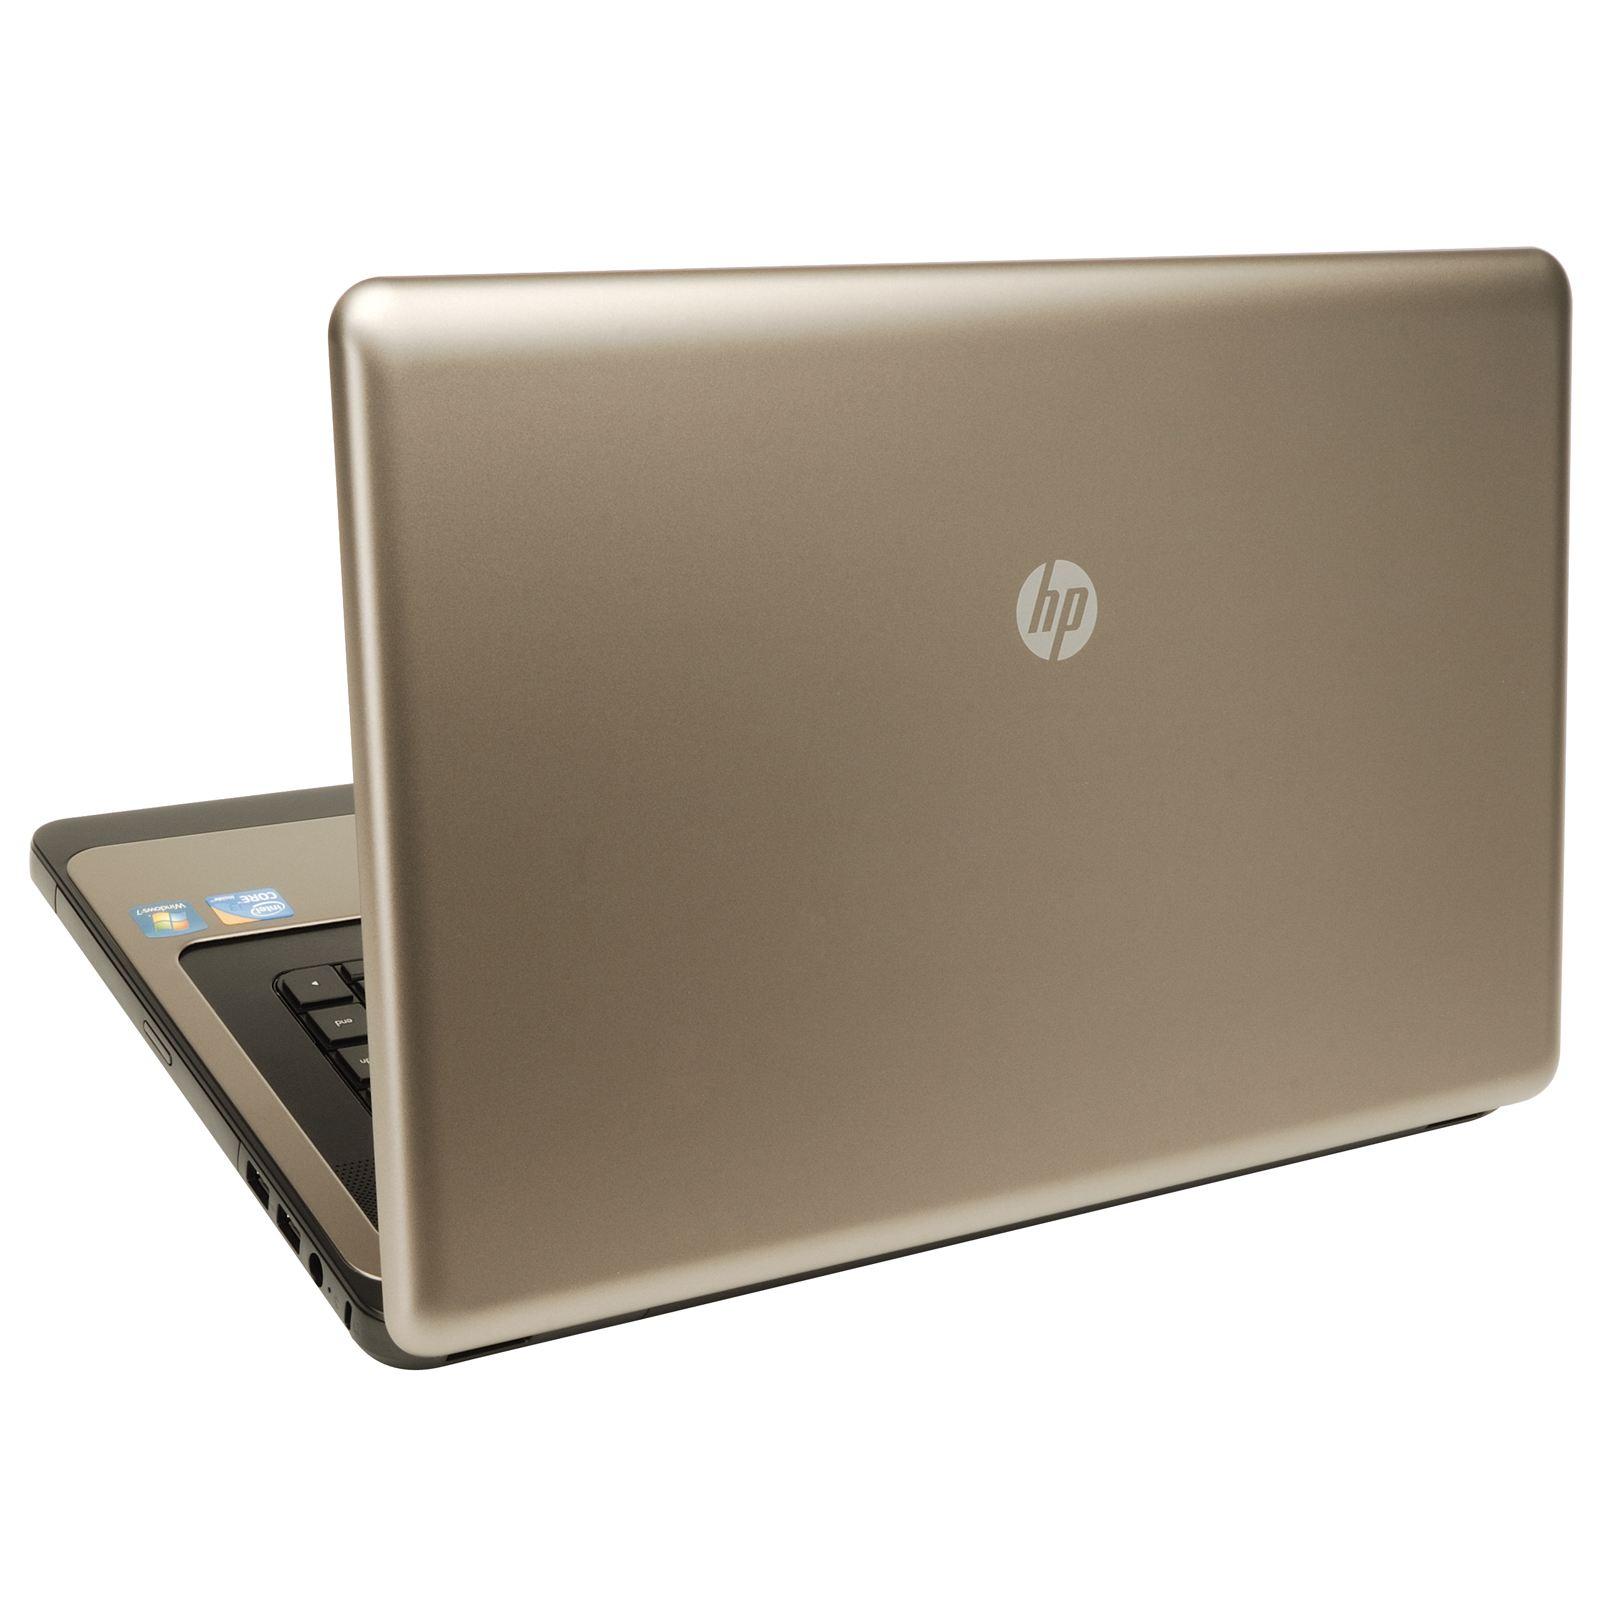 Notebook HP 630 Intel Core i3 2.53GHz, 4GB, 500GB, Gravador de DVD